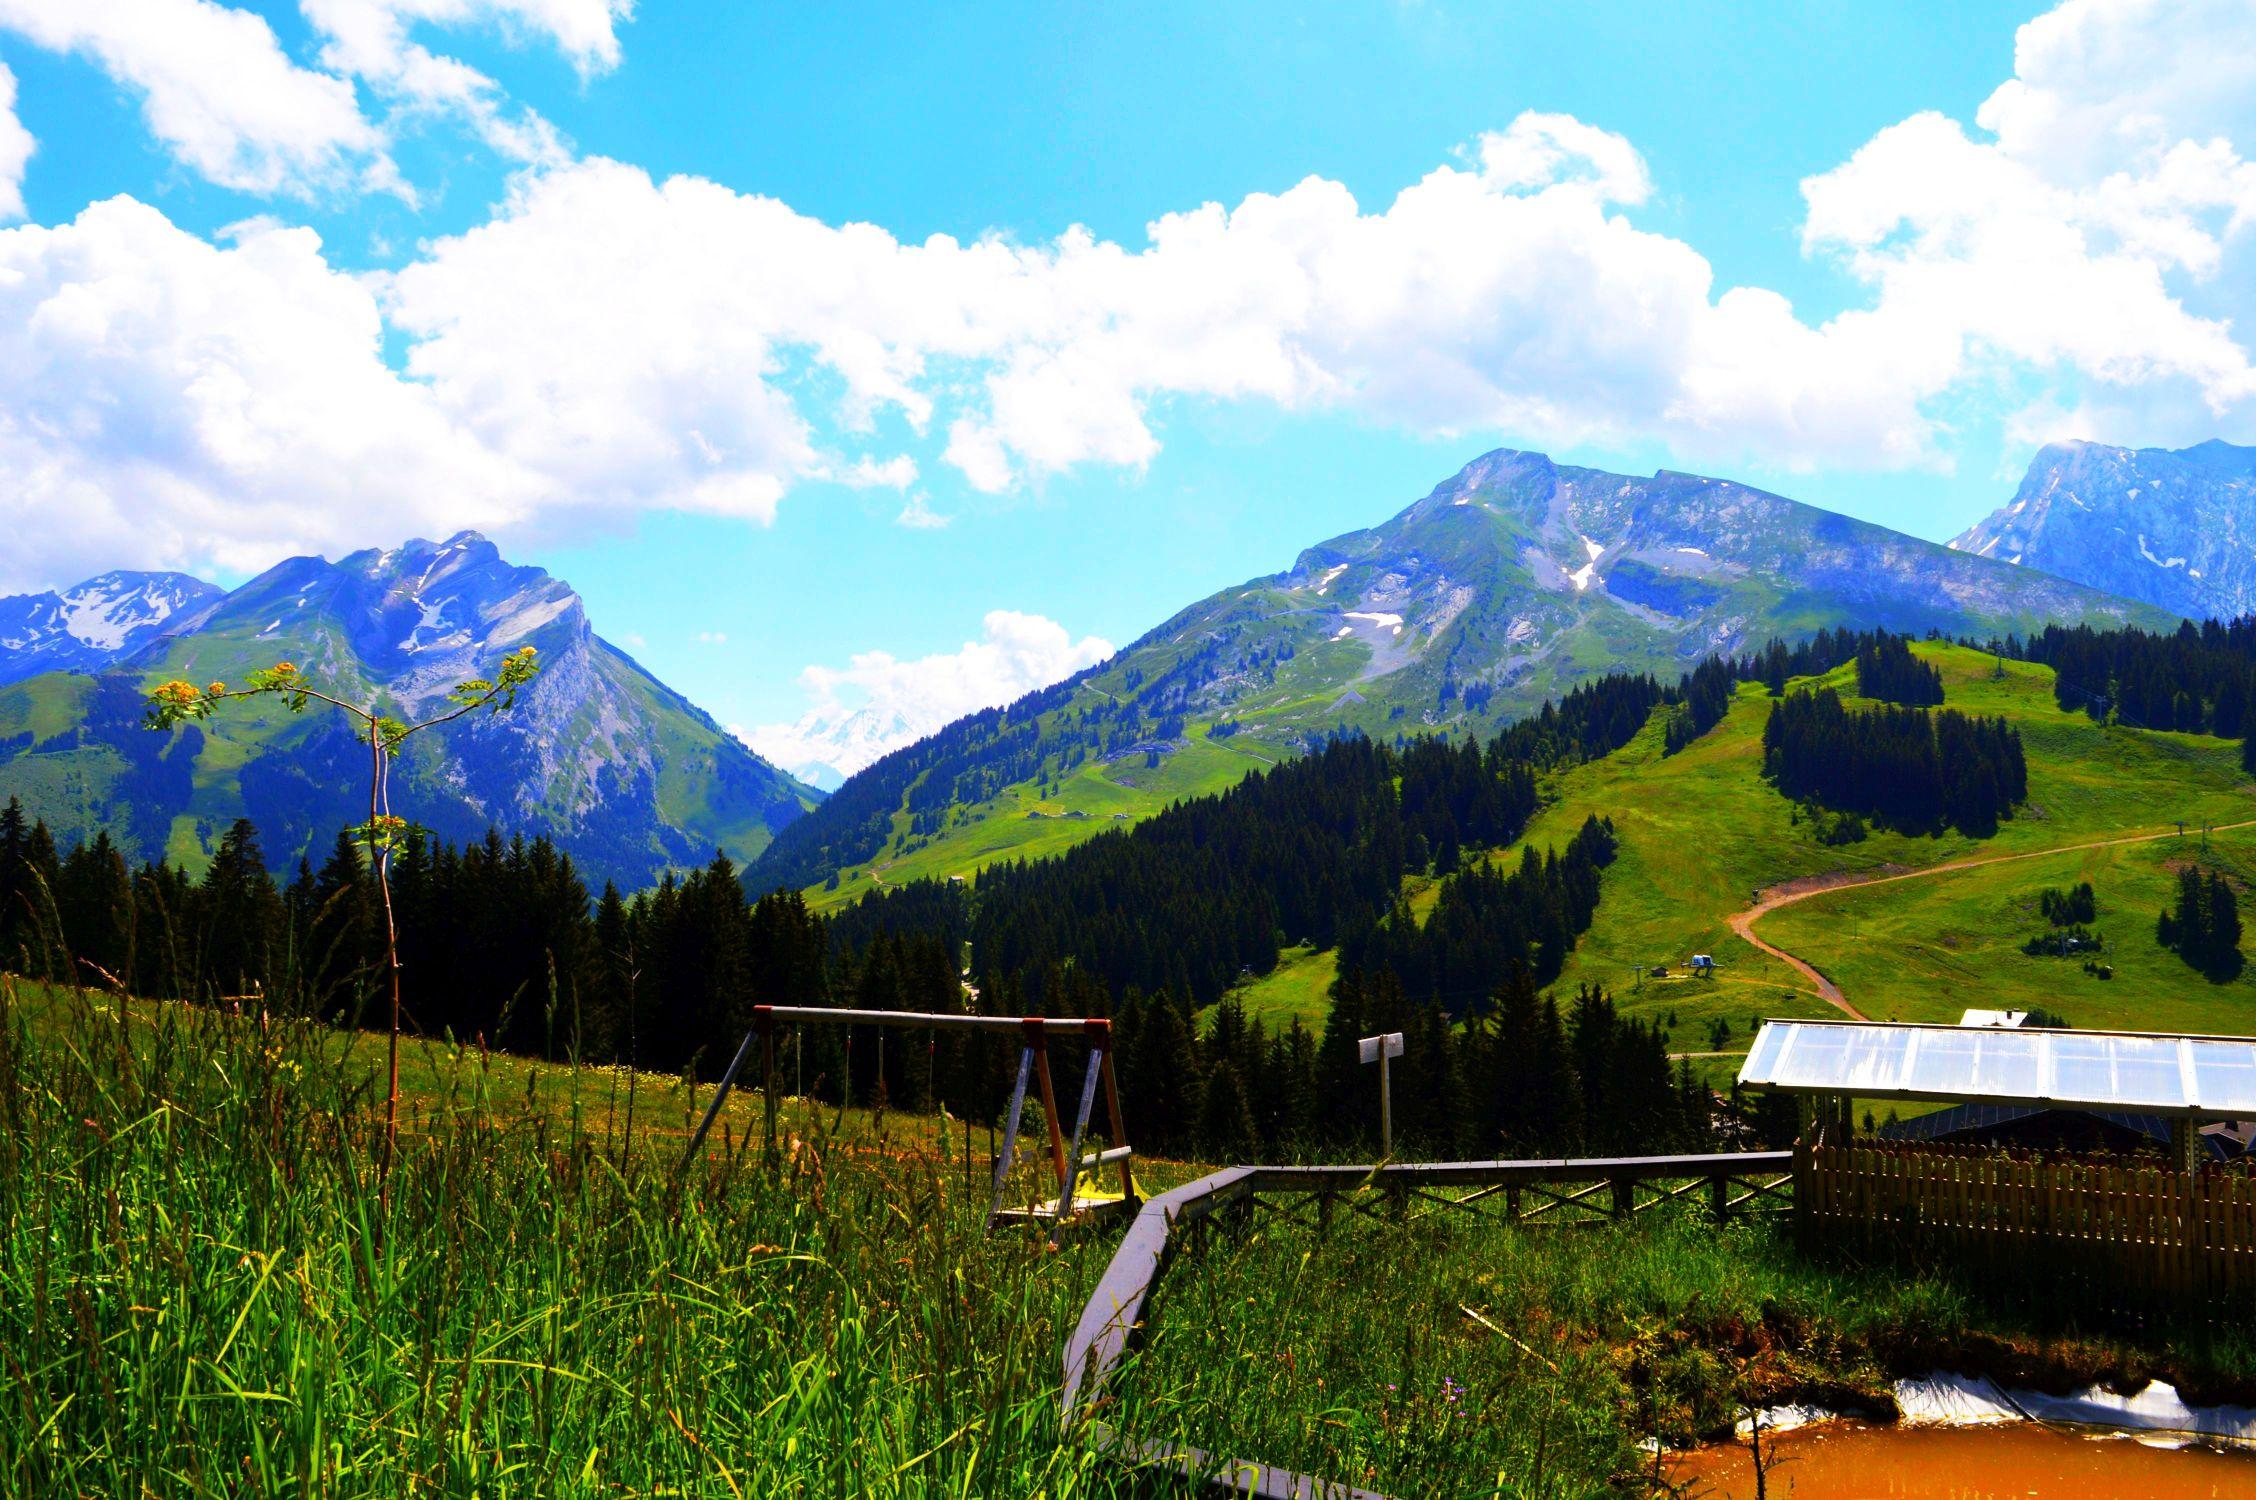 Sarbatoarea-Gustului-Gusturi-si-Destinatii-Franta-Savoie-Manigou-Marc-Veyrat-06